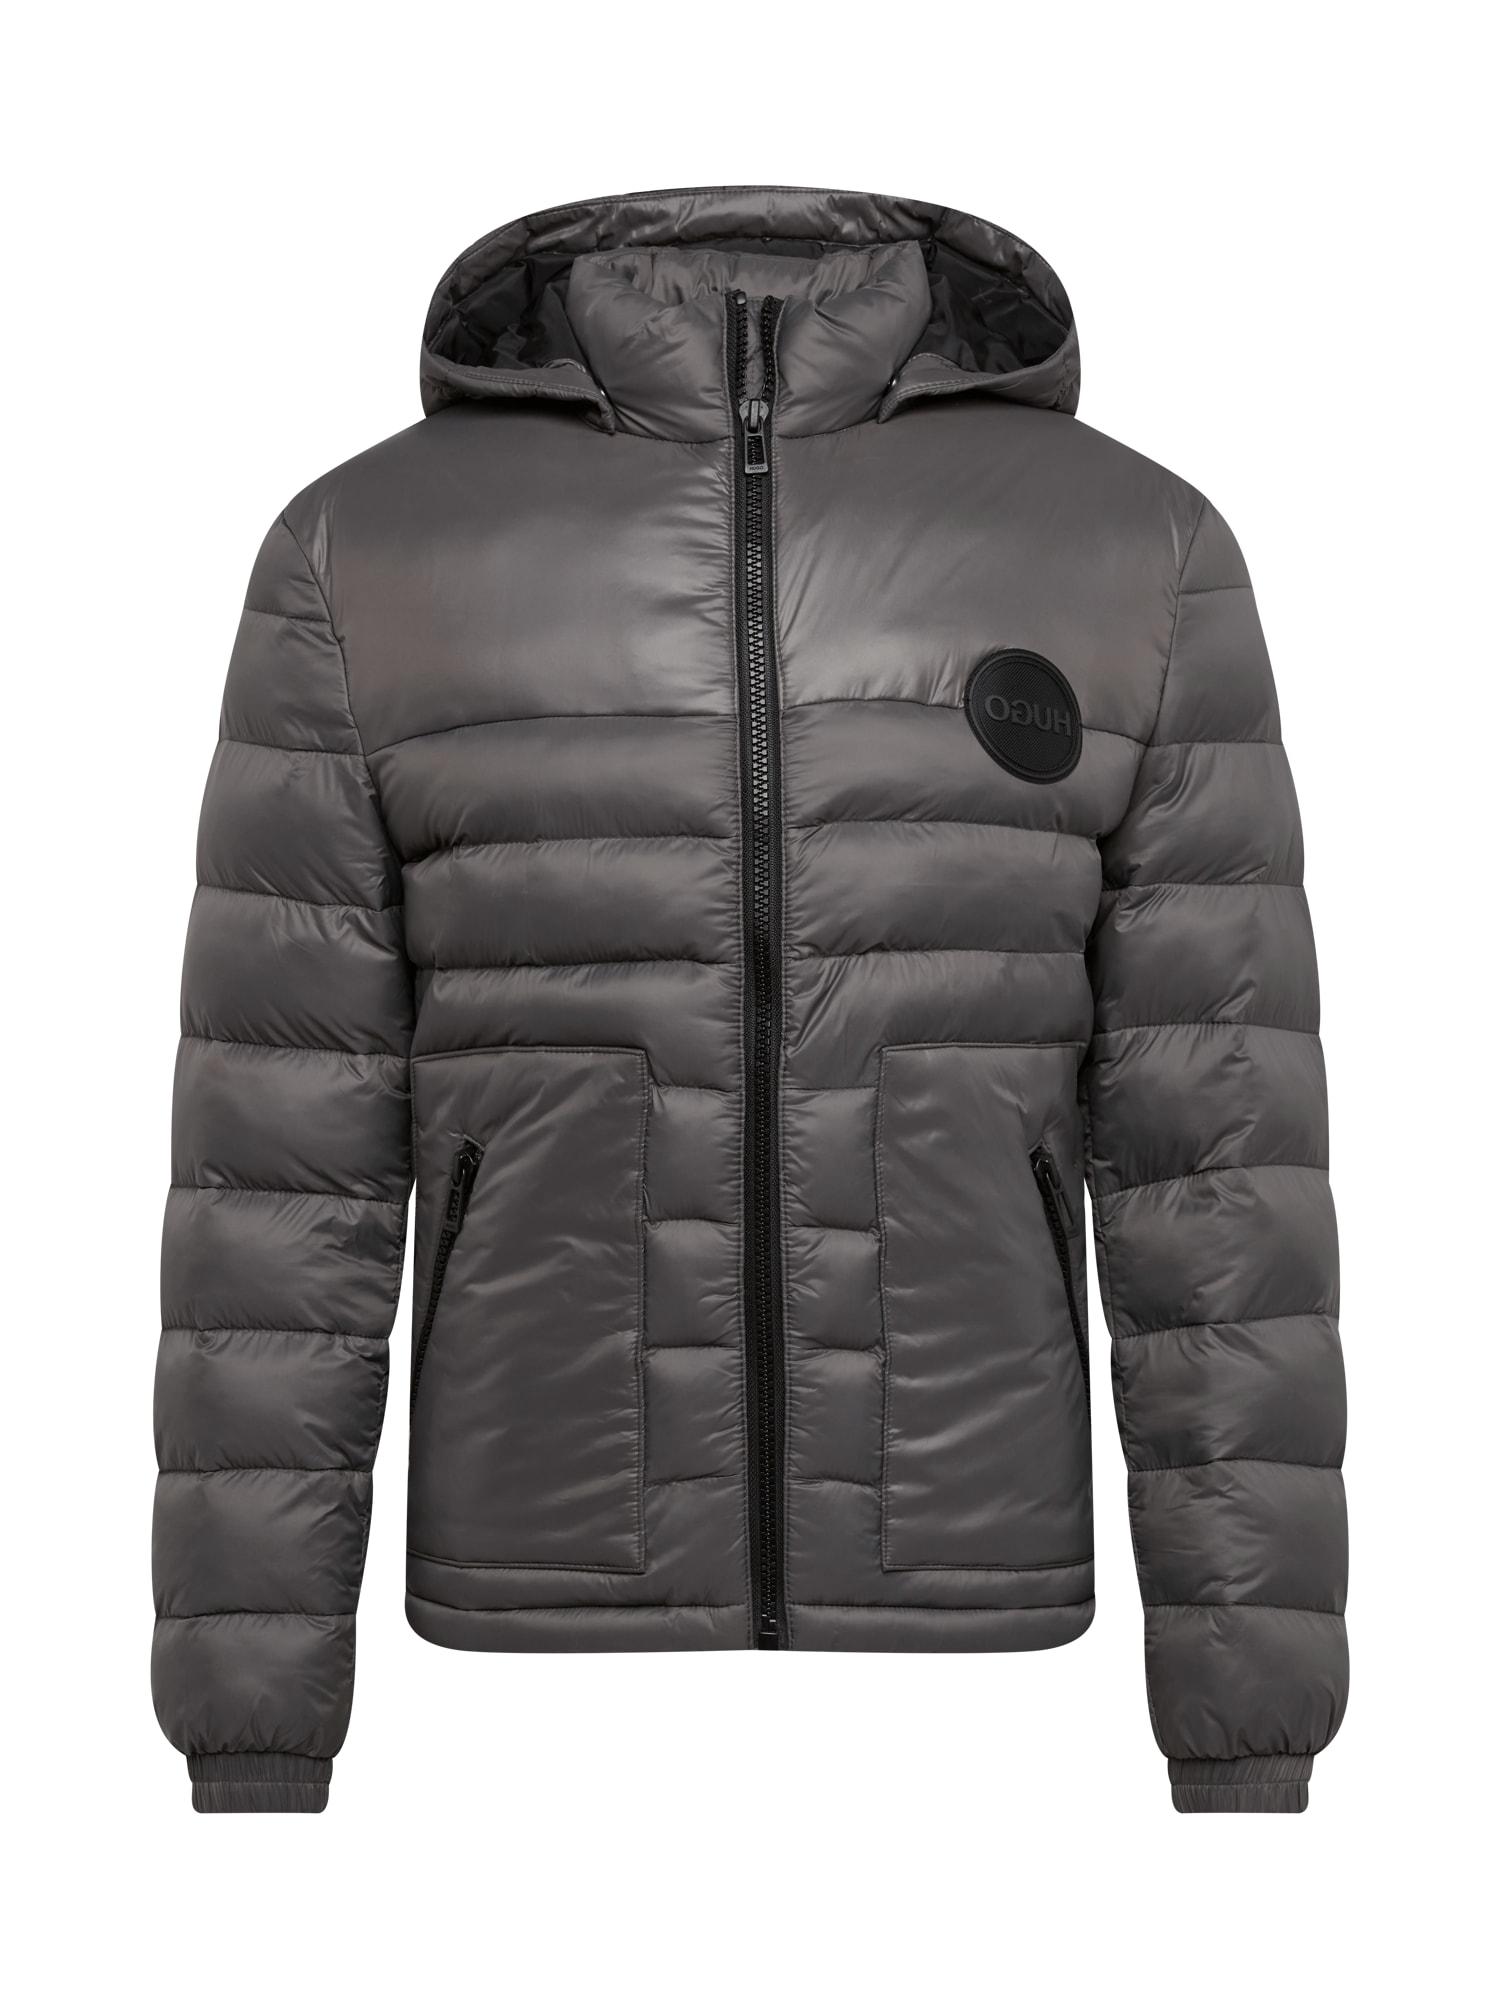 HUGO Zimní bunda 'Balin'  čedičová šedá